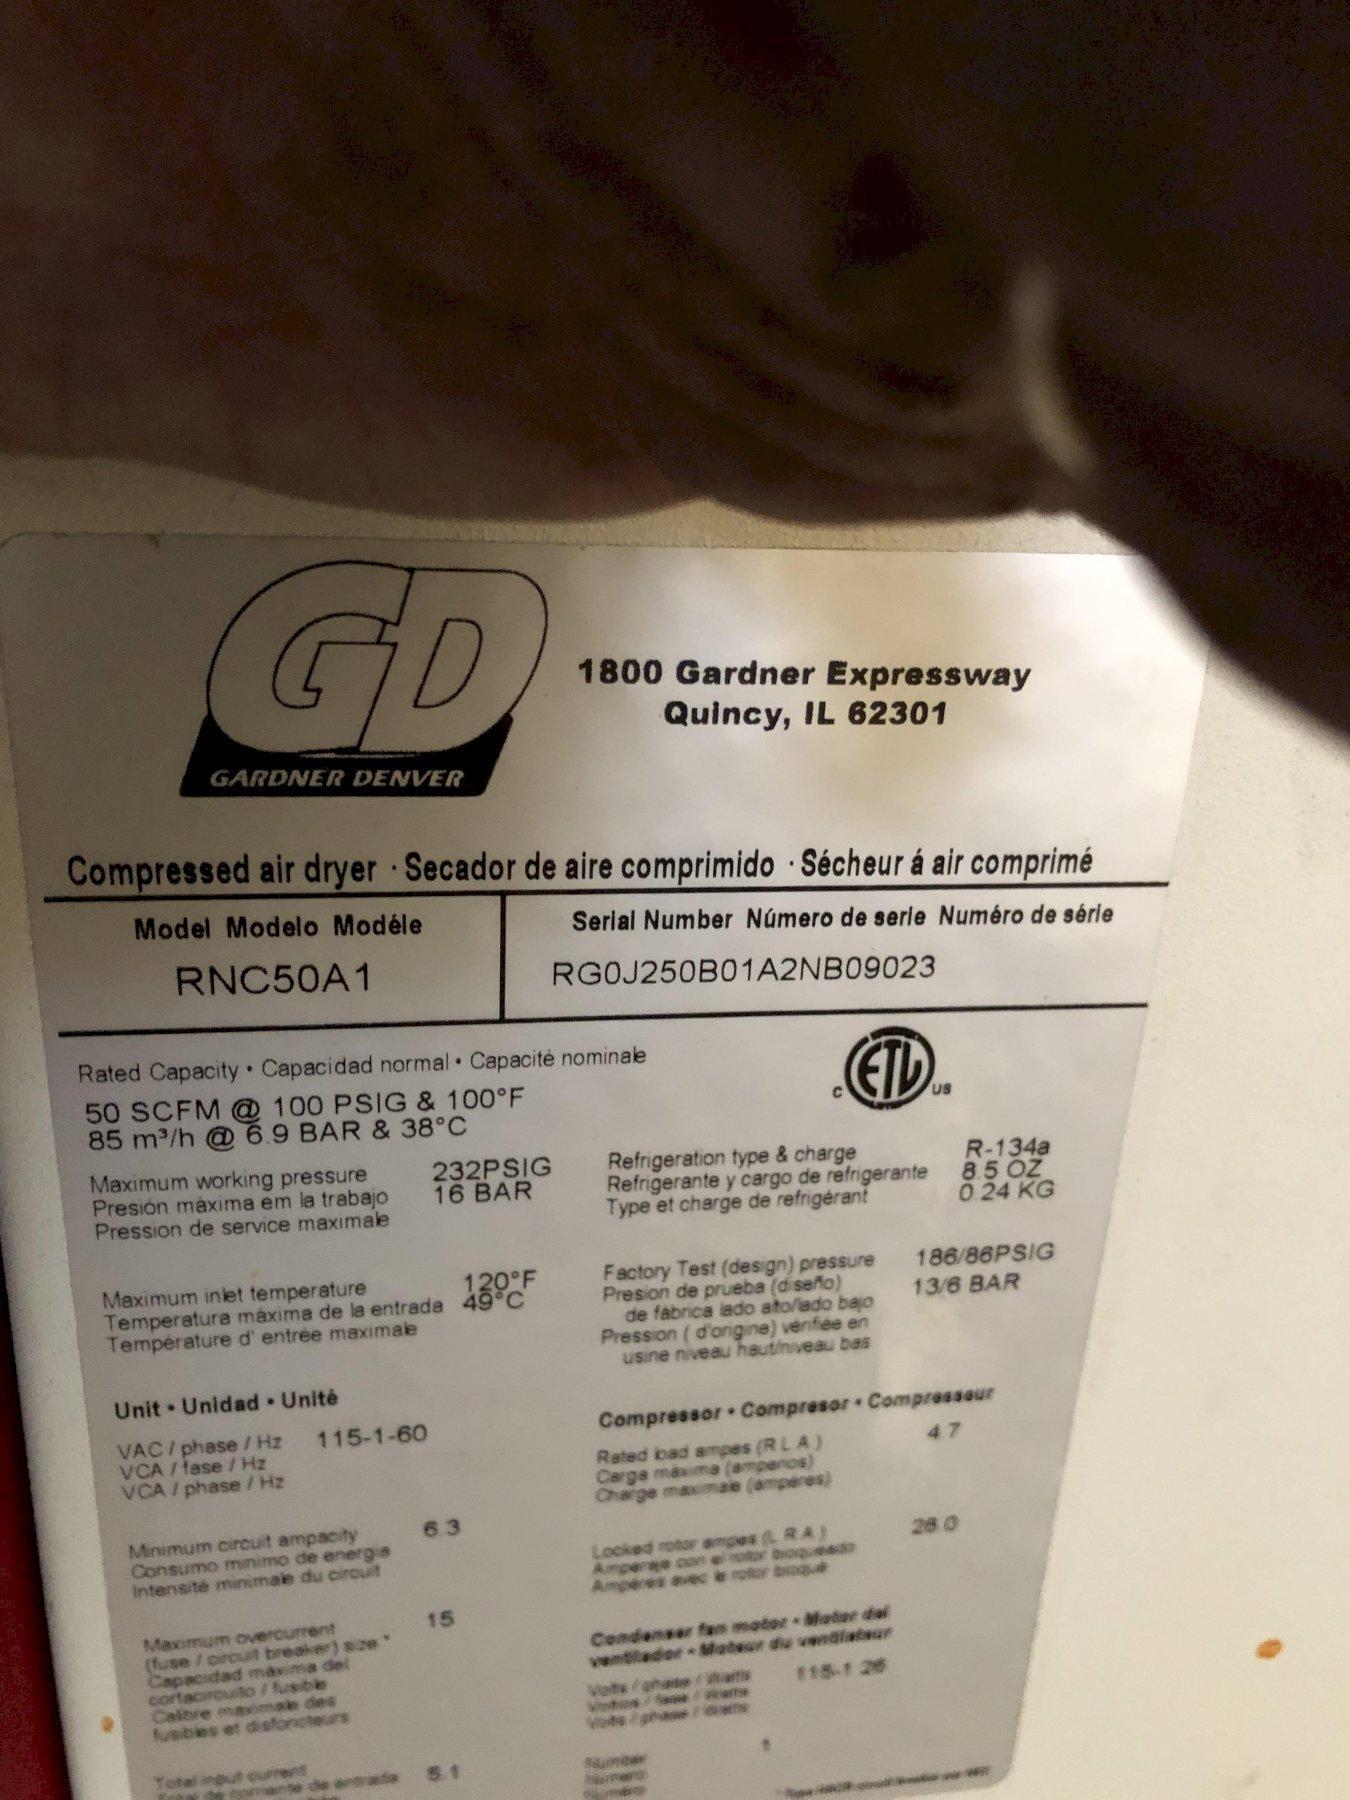 Gardner Denver model rnc50a1 compressed air dryer s/n rg0j25b01a2nb09023 rated at 50 scfm